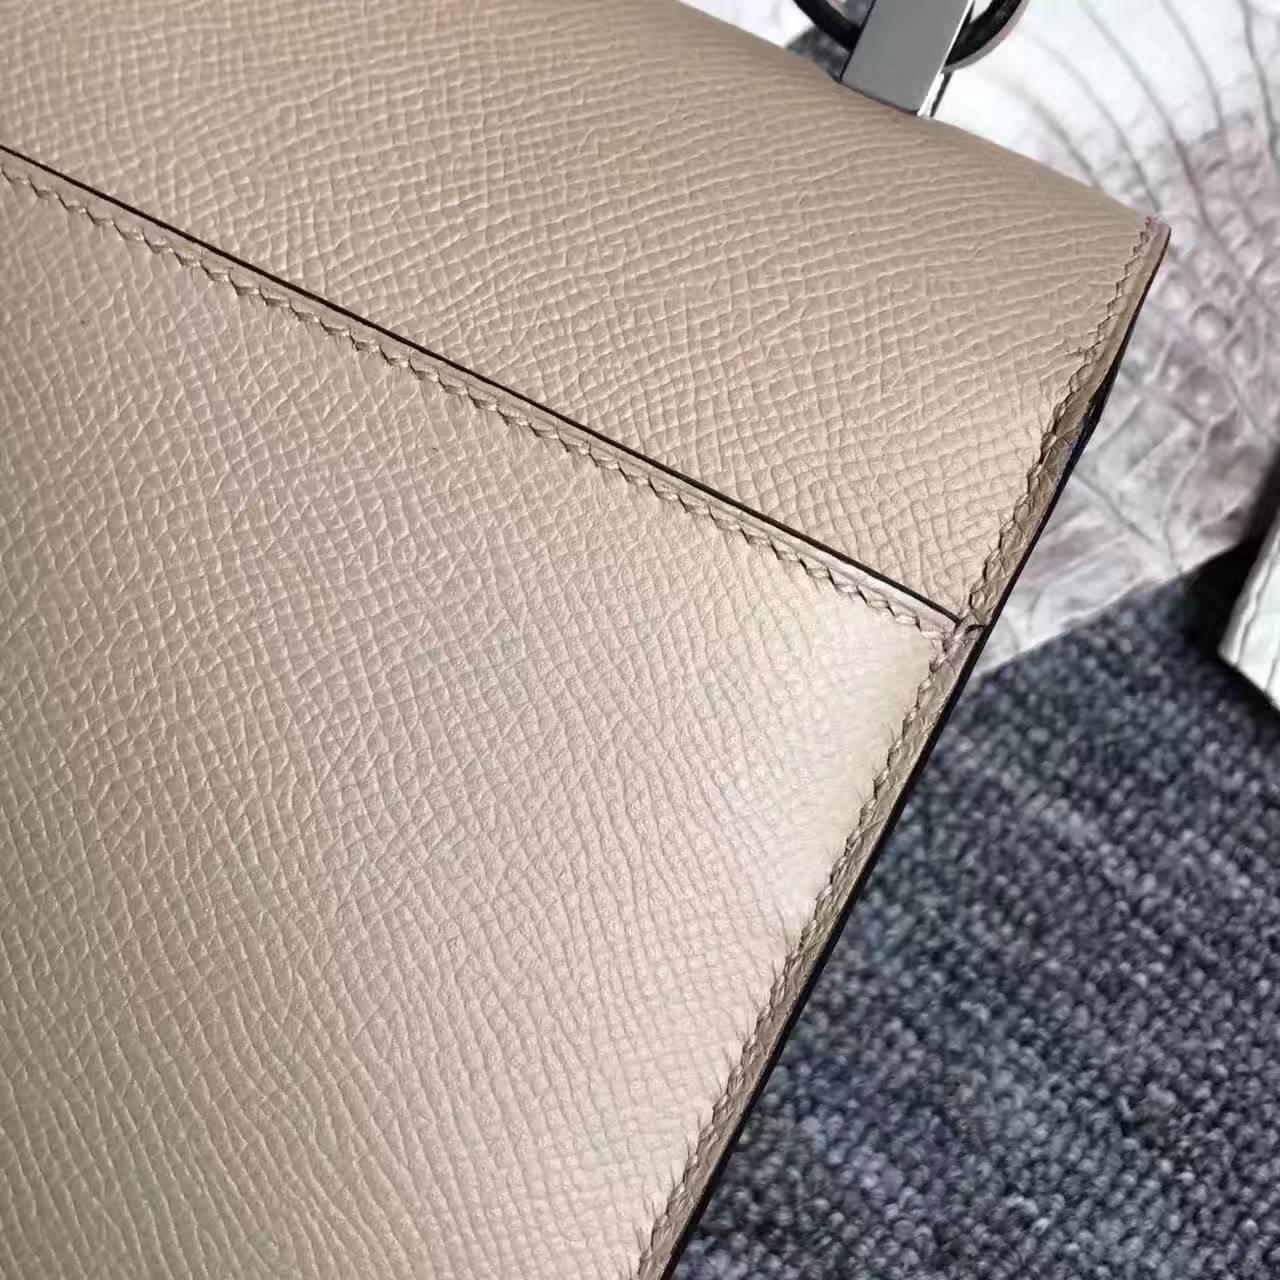 Hot Sale Hermes Verrou Shoulder Bag in C18 Gris Tourterelle Epsom Leather